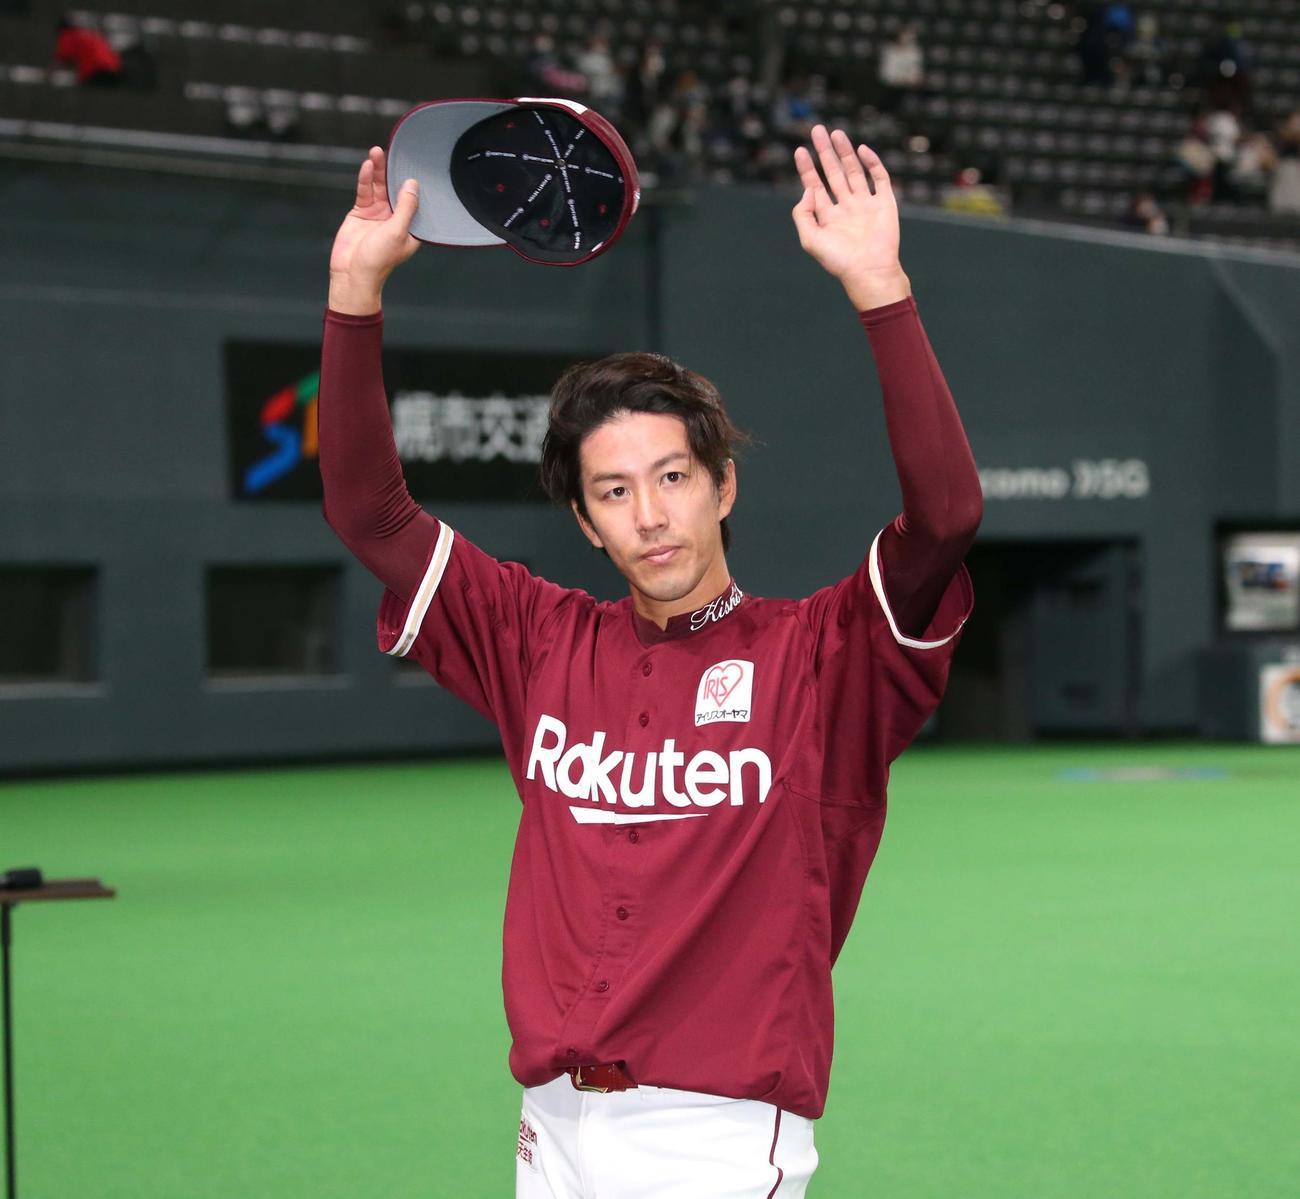 日本ハム対楽天 3勝目を挙げ、試合後にスタンドのファンに手を振る楽天岸(撮影・黒川智章)